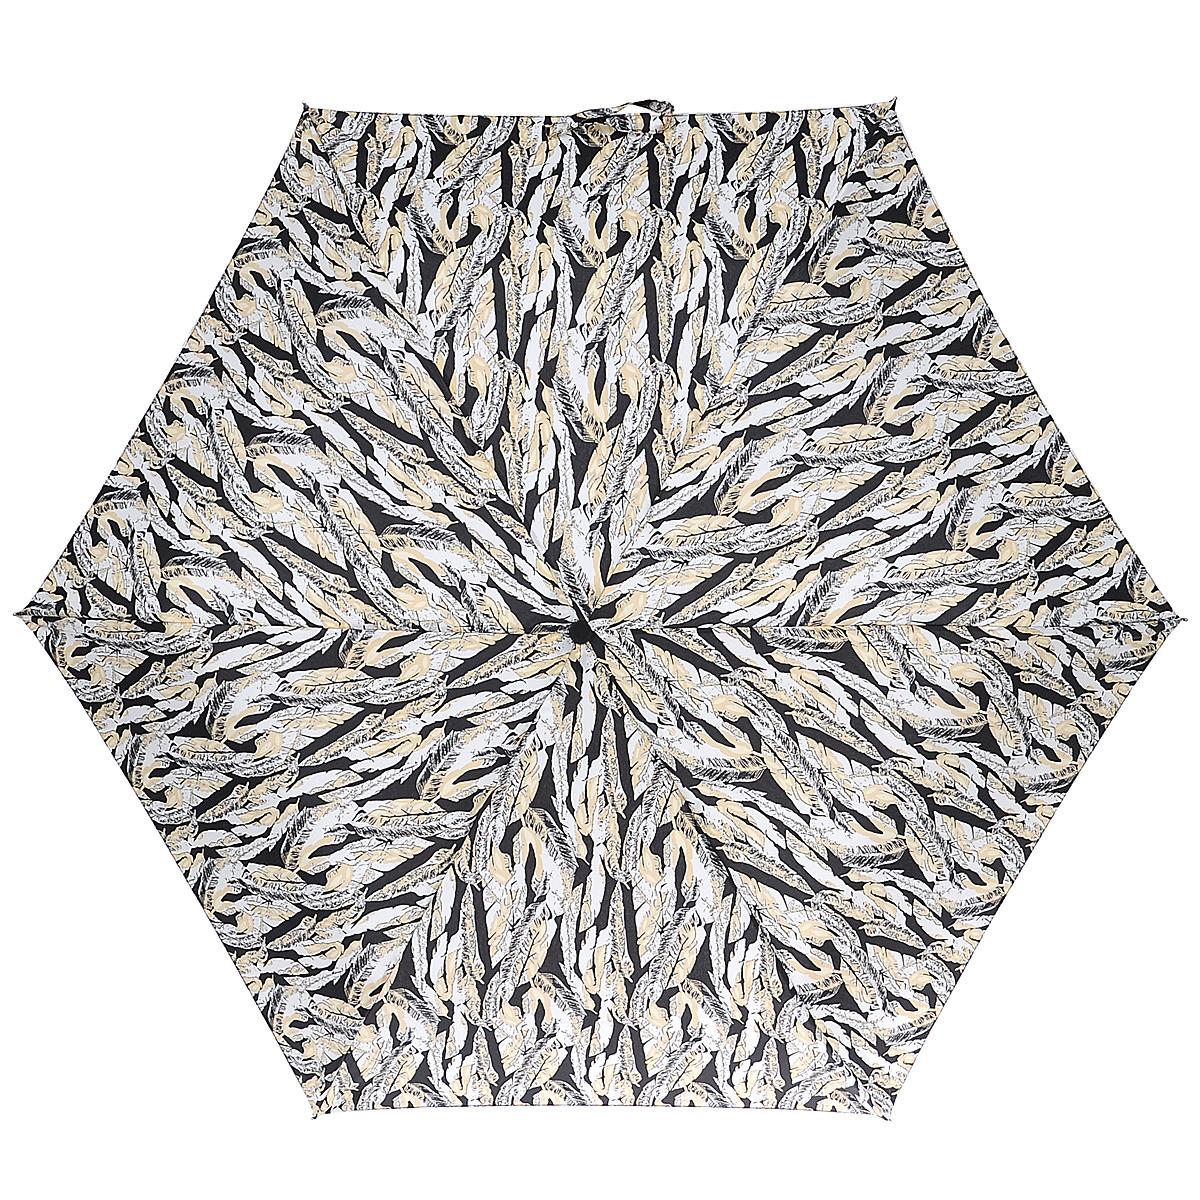 """Зонт женский Fulton Scattered Feather, механический, 3 сложения, цвет: черный, бежевый. L553L553_Черный_ПерьяСтильный зонт Fulton """"Scattered Feather"""" защитит от непогоды, а его компактный размер позволит вам всегда носить его с собой. """"Ветростойкий"""" алюминиевый каркас в 3 сложениясостоит из шести спиц с элементами из фибергласса, зонт оснащен удобной рукояткой из дерева. Купол зонта выполнен из прочного полиэстера и оформлен цветочным принтом в виде перьев. На рукоятке для удобства есть небольшой шнурок-резинка, позволяющий надеть зонт на руку тогда, когда это будет необходимо. К зонту прилагается чехол на липучке. Зонт механического сложения: купол открывается и закрывается вручную, стержень также складывается вручную до характерного щелчка. Характеристики: Материал: алюминий, фибергласс, пластик, полиэстер. Длина зонта в сложенном виде: 22,5 см. Длина ручки (стержня) в раскрытом виде: 52 см."""